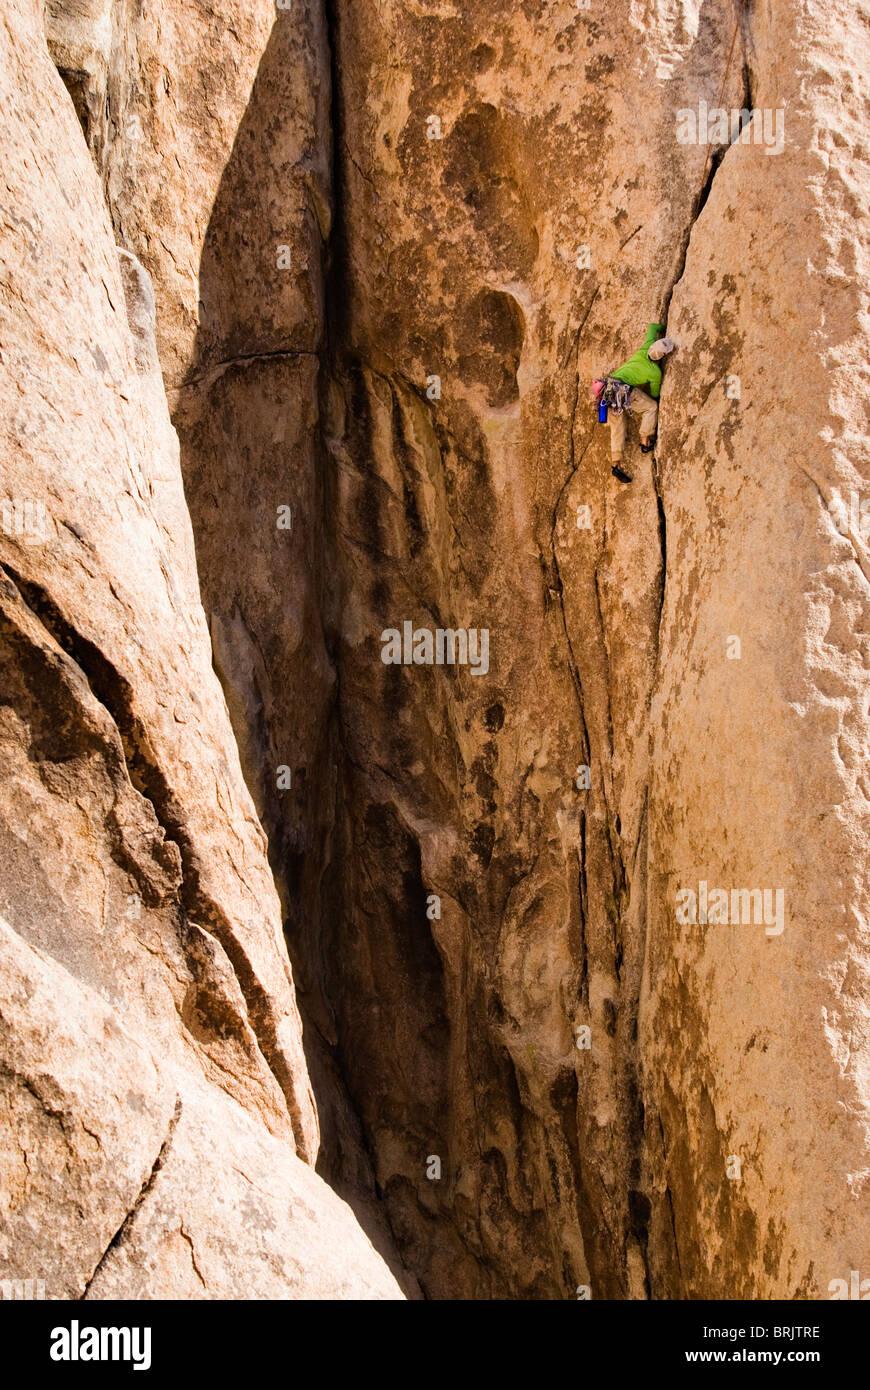 Un jeune homme l'ascension d'une longue fissure. Photo Stock